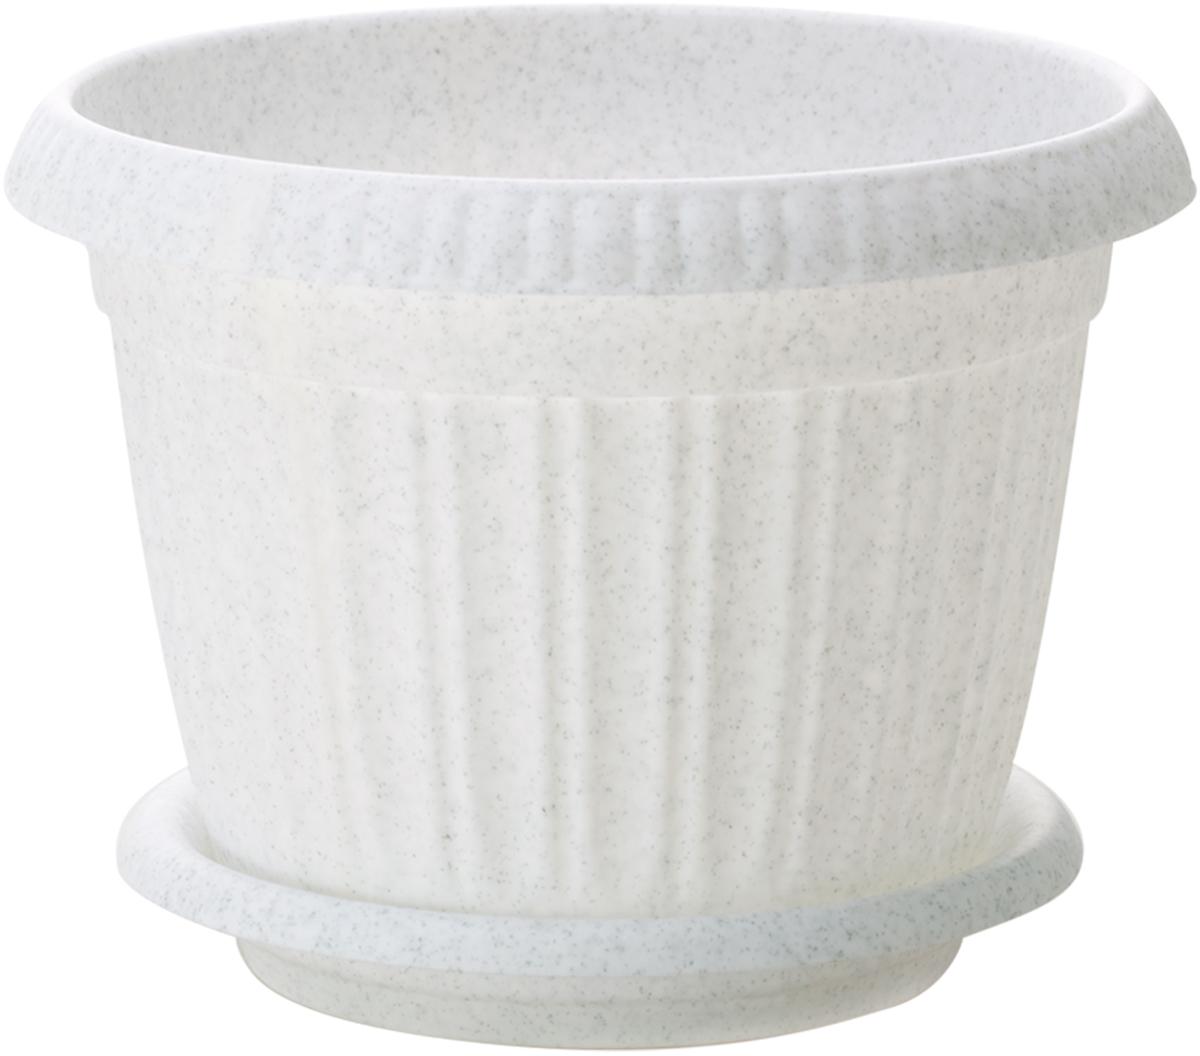 Горшок для цветов InGreen Таити, с подставкой, цвет: мраморный, диаметр 16 смING41016FМРЛюбой, даже самый современный и продуманный интерьер будет не завершенным без растений. Они не только очищают воздух и насыщают его кислородом, но и заметно украшают окружающее пространство. Такому полезному члену семьи просто необходимо красивое и функциональное кашпо, оригинальный горшок или необычная ваза! Мы предлагаем - Горшок для цветов с поддоном d=16 см Таити, цвет мраморный ! Оптимальный выбор материала - это пластмасса! Почему мы так считаем? Малый вес. С легкостью переносите горшки и кашпо с места на место, ставьте их на столики или полки, подвешивайте под потолок, не беспокоясь о нагрузке. Простота ухода. Пластиковые изделия не нуждаются в специальных условиях хранения. Их легко чистить достаточно просто сполоснуть теплой водой. Никаких царапин. Пластиковые кашпо не царапают и не загрязняют поверхности, на которых стоят. Пластик дольше хранит влагу, а значит растение реже нуждается в поливе. Пластмасса не пропускает воздух корневой системе растения не грозят резкие перепады температур. Огромный выбор форм, декора и расцветок вы без труда подберете что-то, что идеально впишется в уже существующий интерьер. Соблюдая нехитрые правила ухода, вы можете заметно продлить срок службы горшков, вазонов и кашпо из пластика: всегда учитывайте размер кроны и корневой системы растения (при разрастании большое растение способно повредить маленький горшок) берегите изделие от воздействия прямых солнечных лучей, чтобы кашпо и горшки не выцветали держите кашпо и горшки из пластика подальше от нагревающихся поверхностей. Создавайте прекрасные цветочные композиции, выращивайте рассаду или необычные растения, а низкие цены позволят вам не ограничивать себя в выборе.